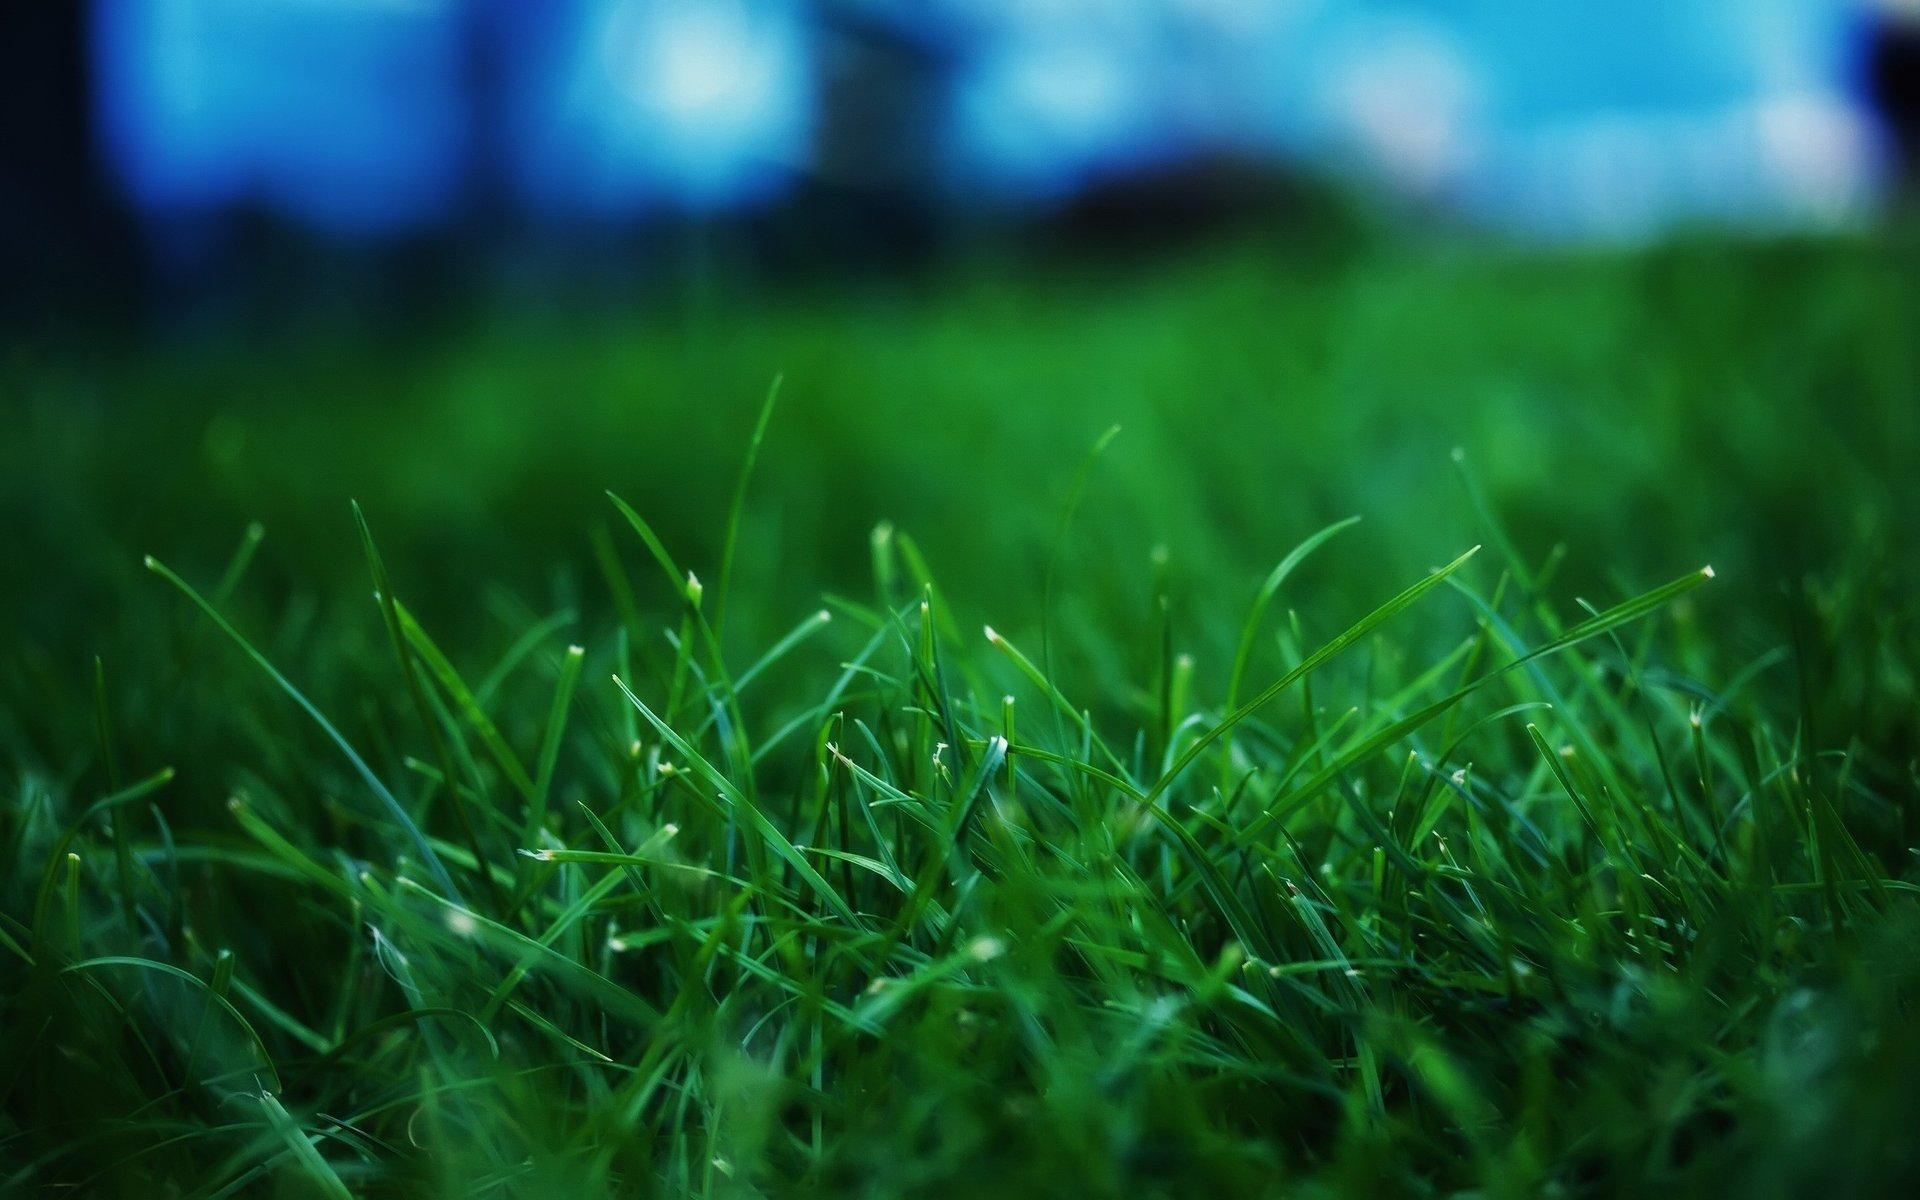 поле газон обои